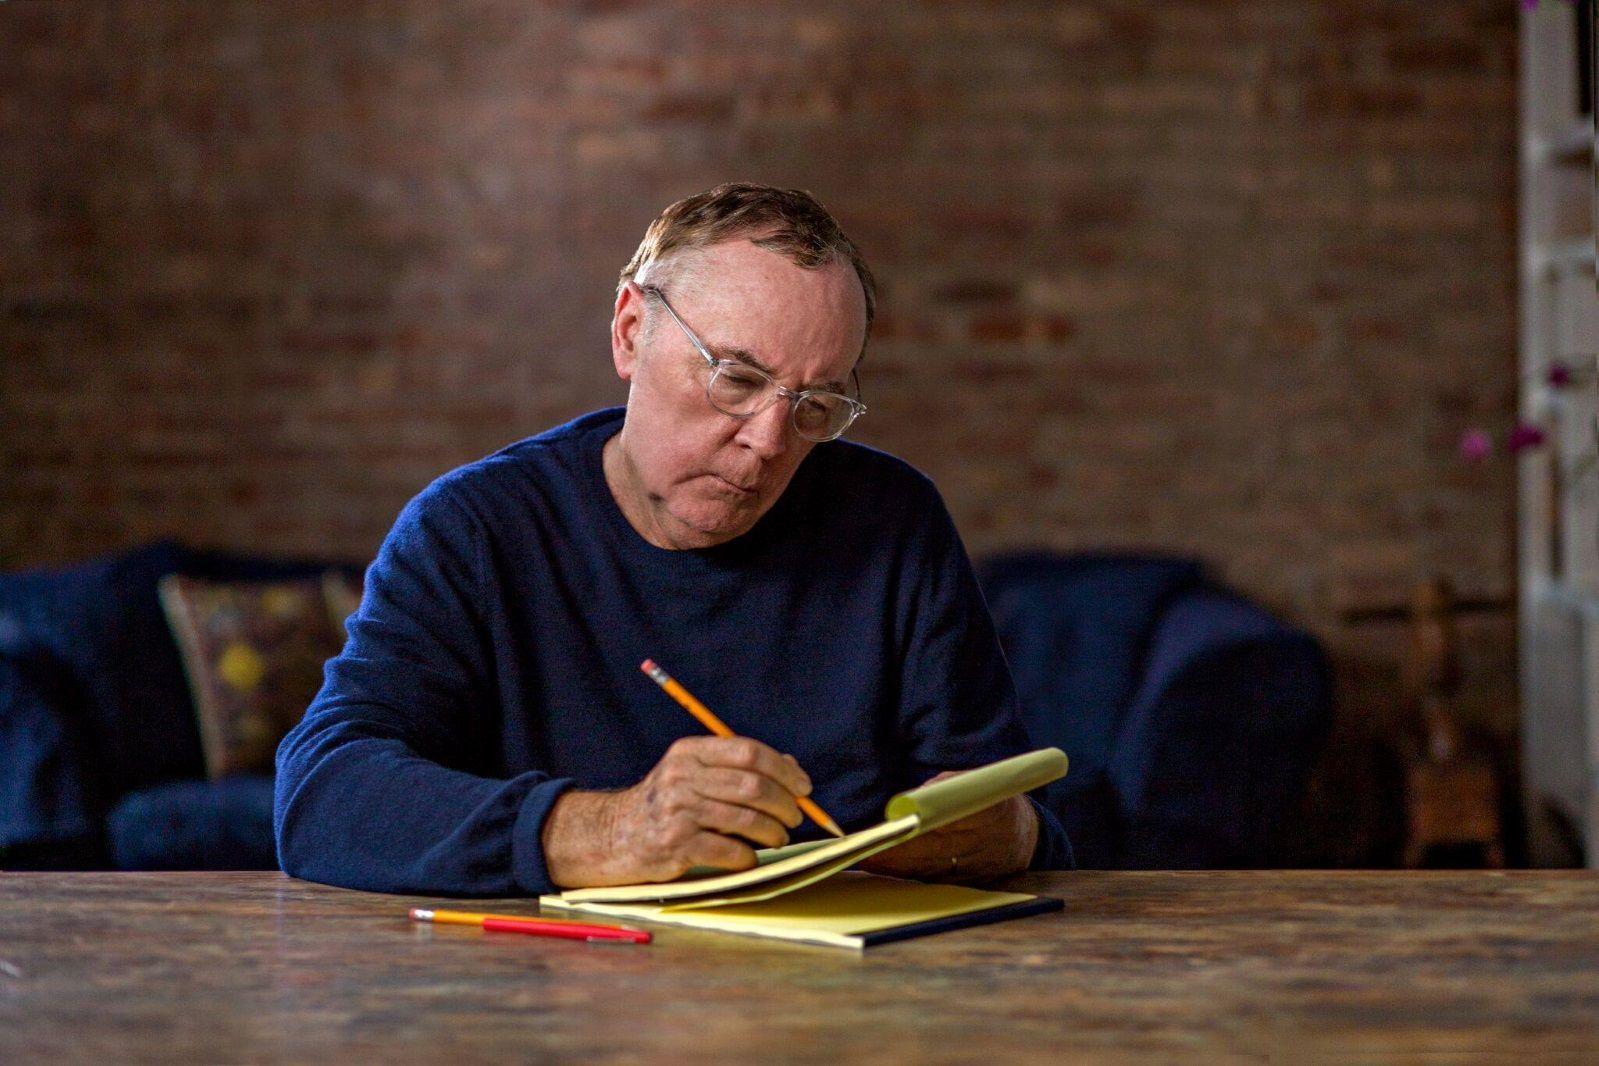 Джеймс Паттерсон и его детективы самые любимые читателем